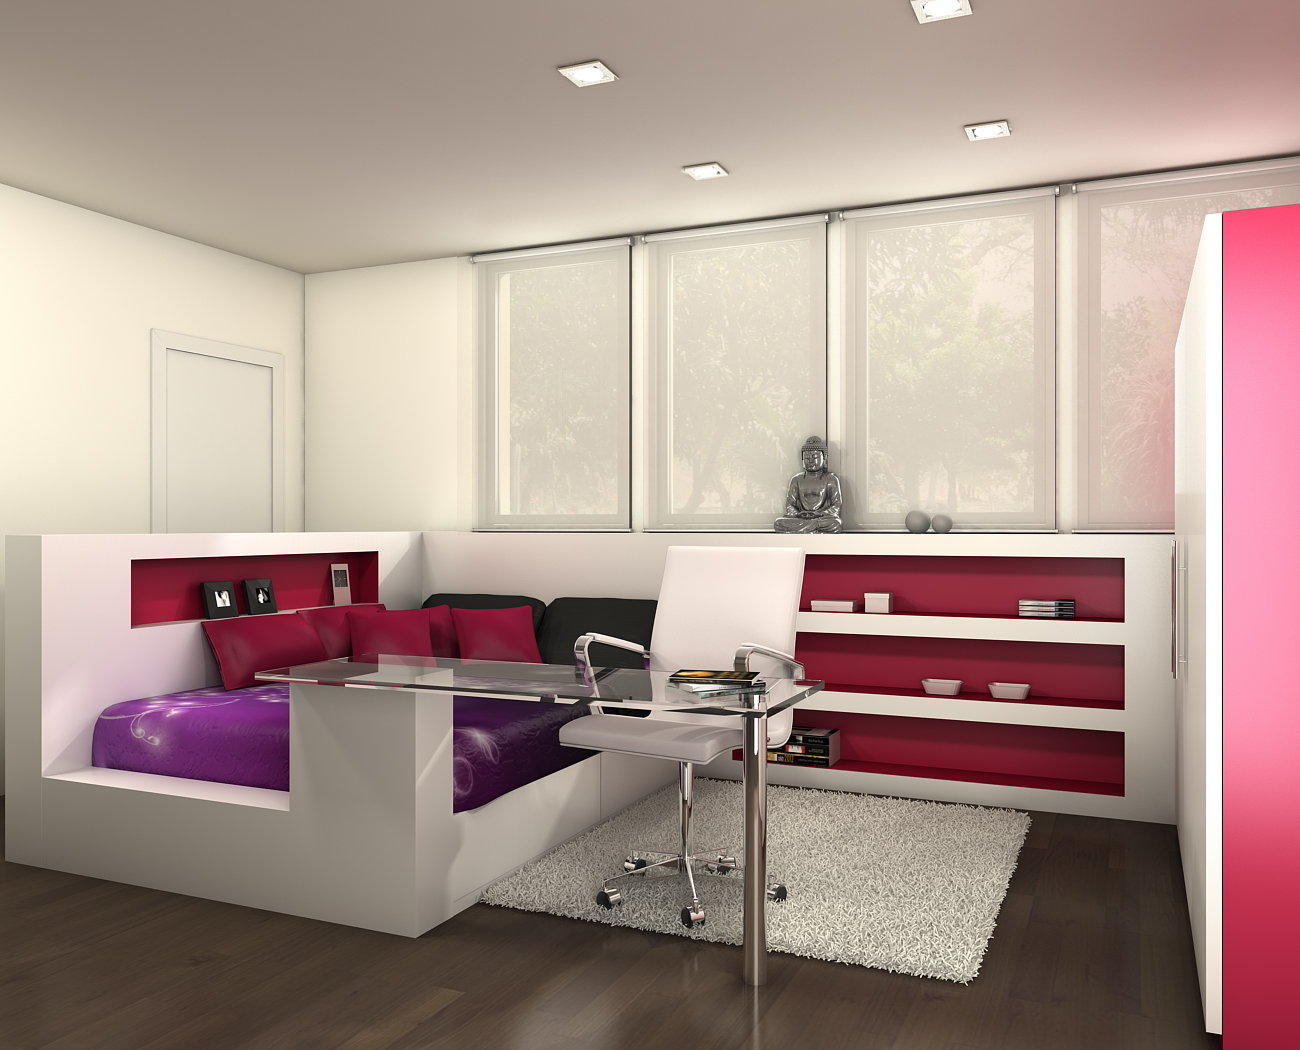 Decoracion habitaciones juveniles - Habitaciones decoradas juveniles ...